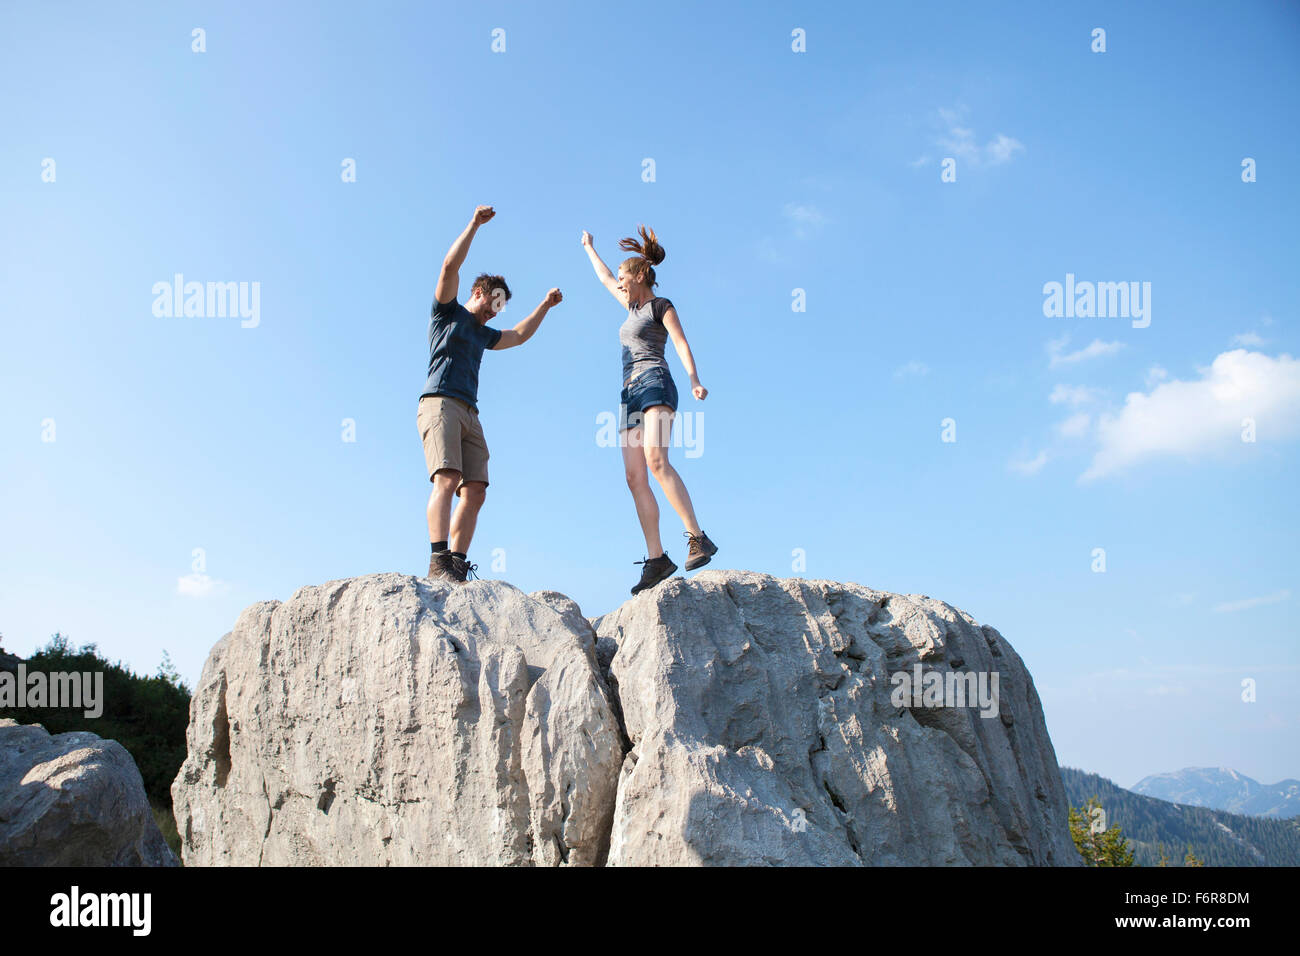 Pareja joven aclamando en el pico de la montaña Imagen De Stock